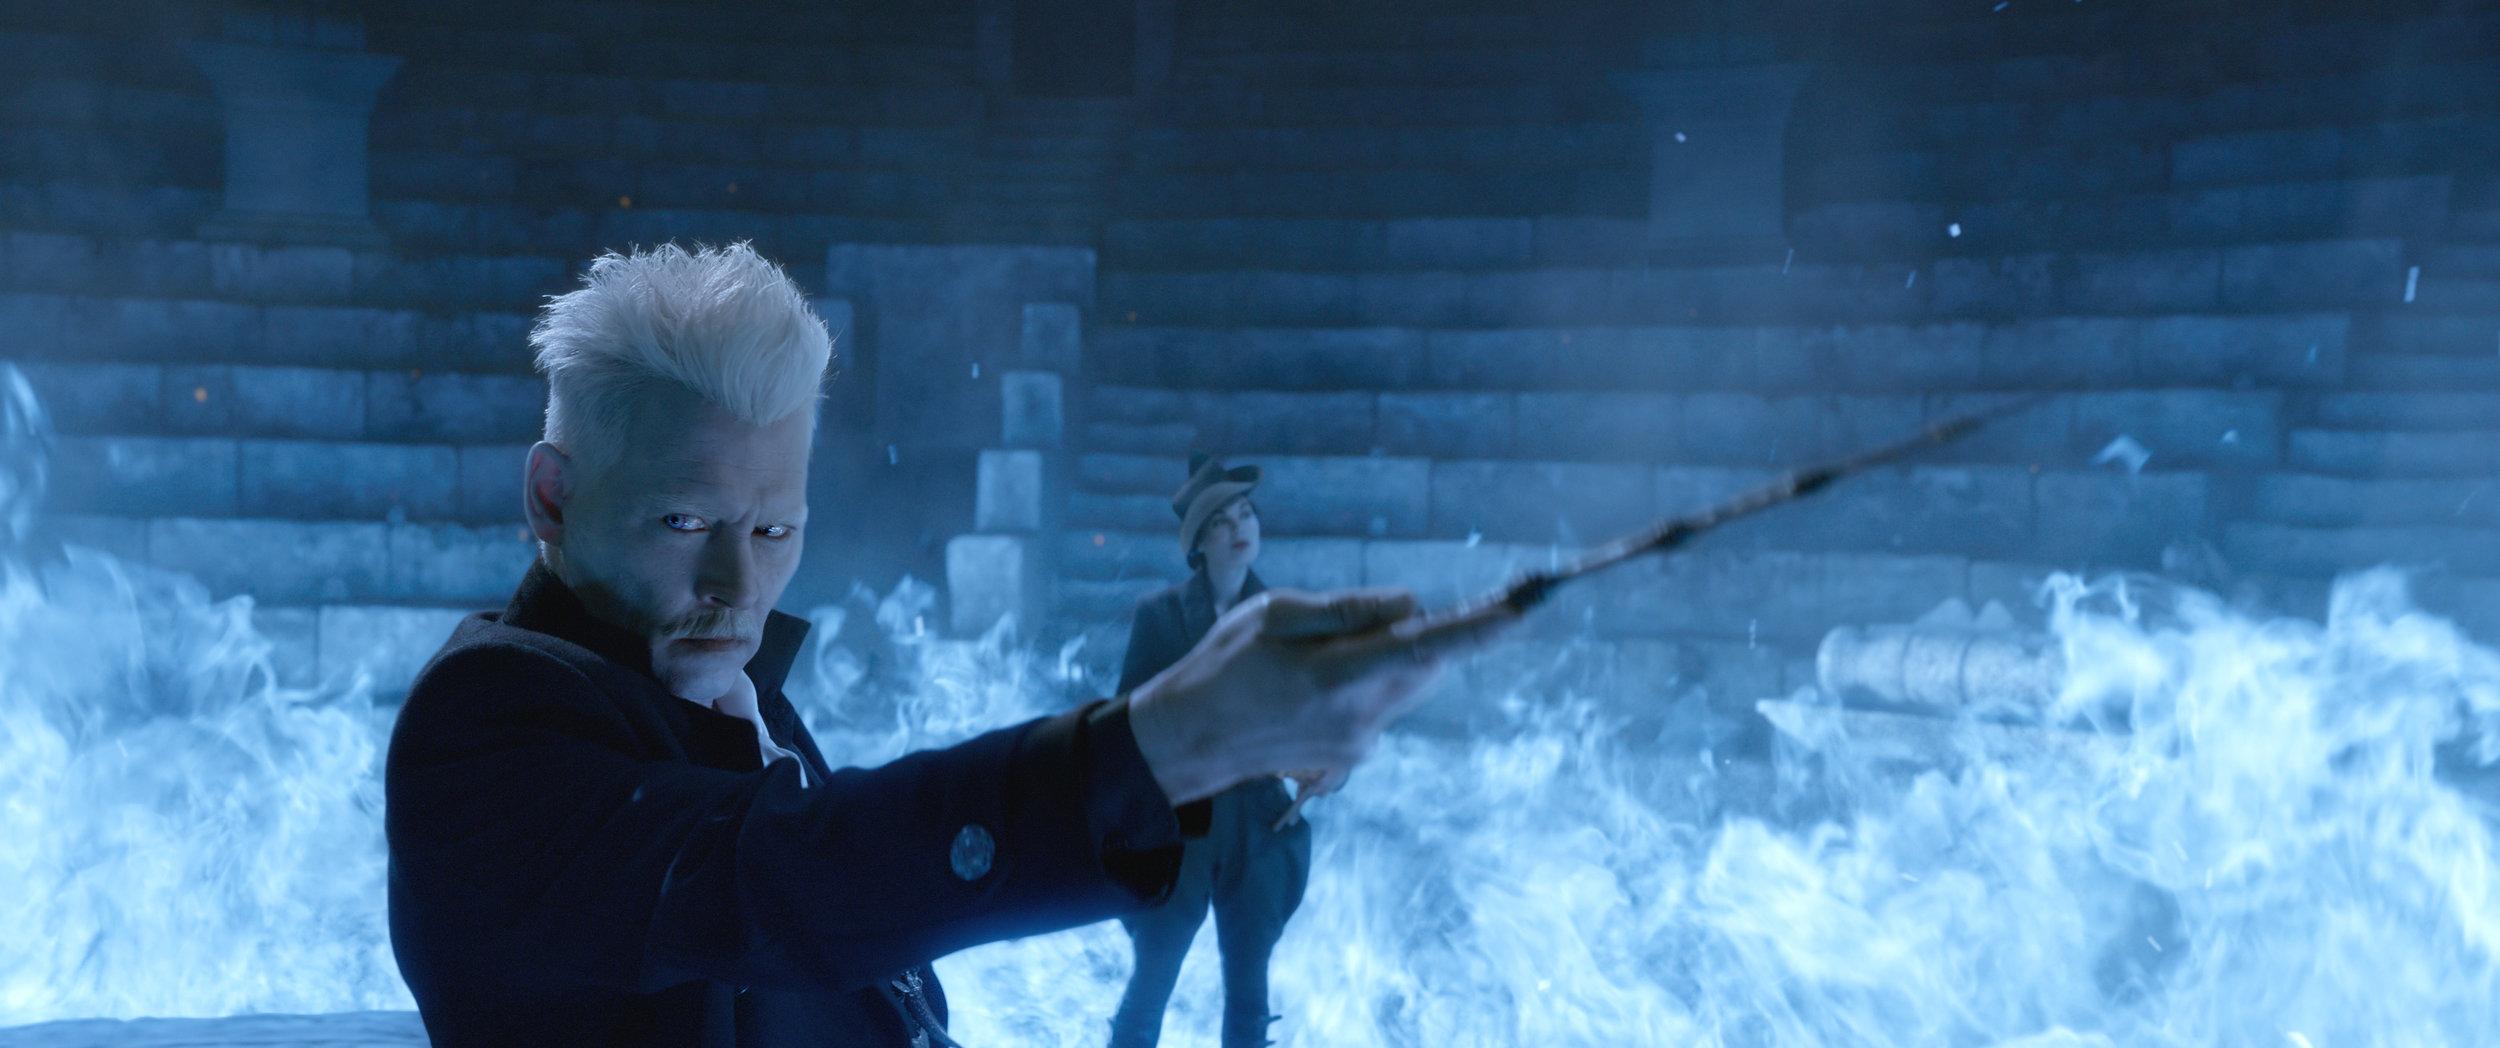 Depp as Grindelwald. More evil than Voldemort? Really?